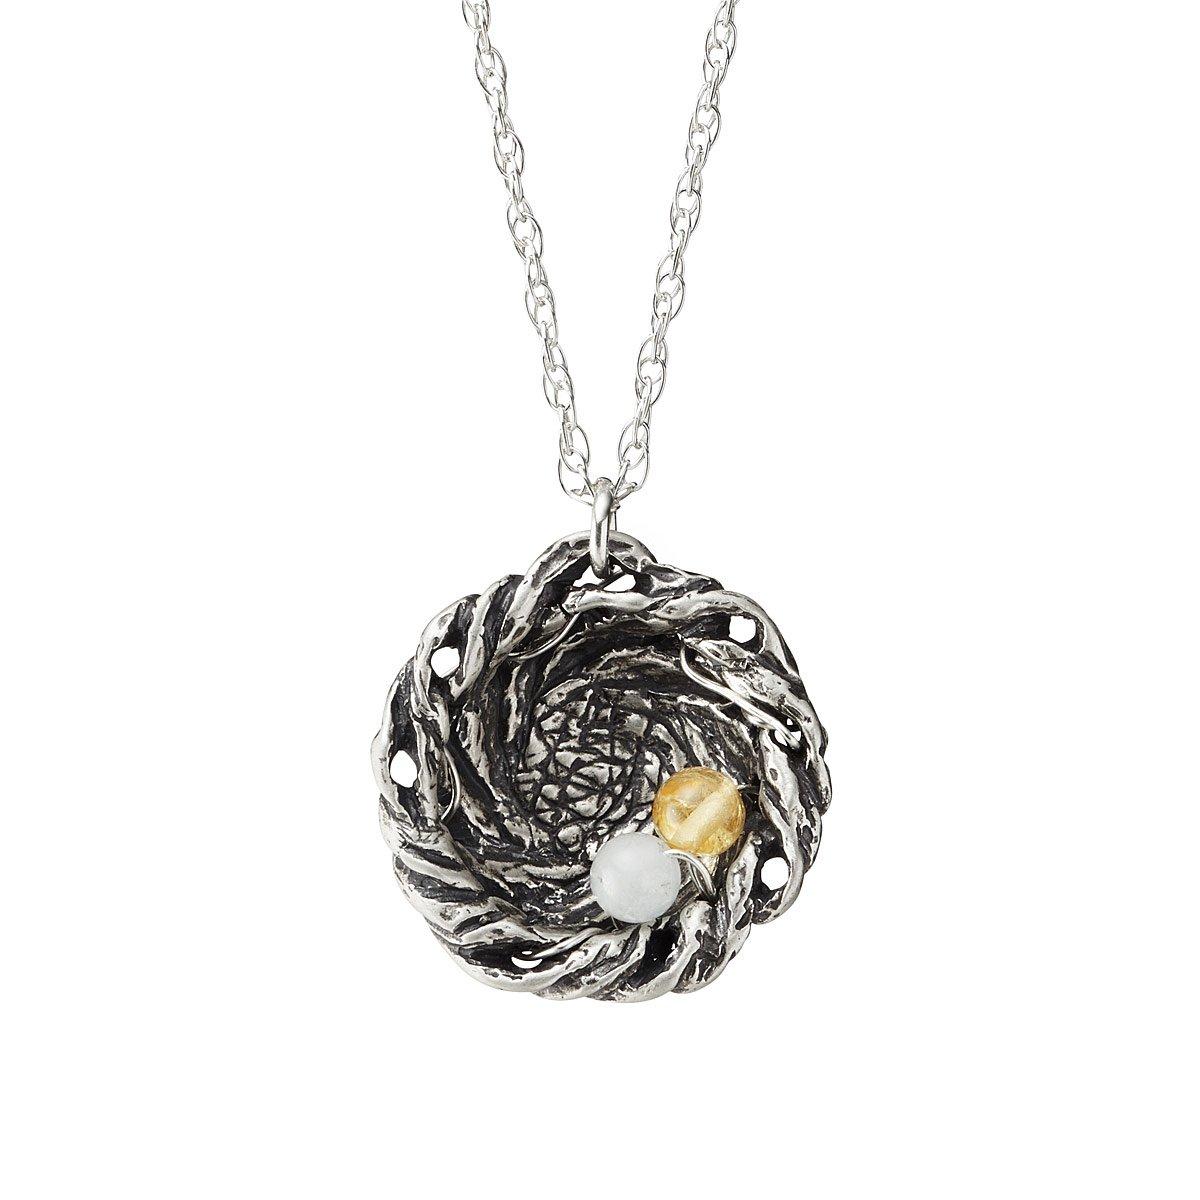 Jeweled nest necklaces mother necklace uncommongoods jeweled nest necklaces 1 thumbnail aloadofball Choice Image